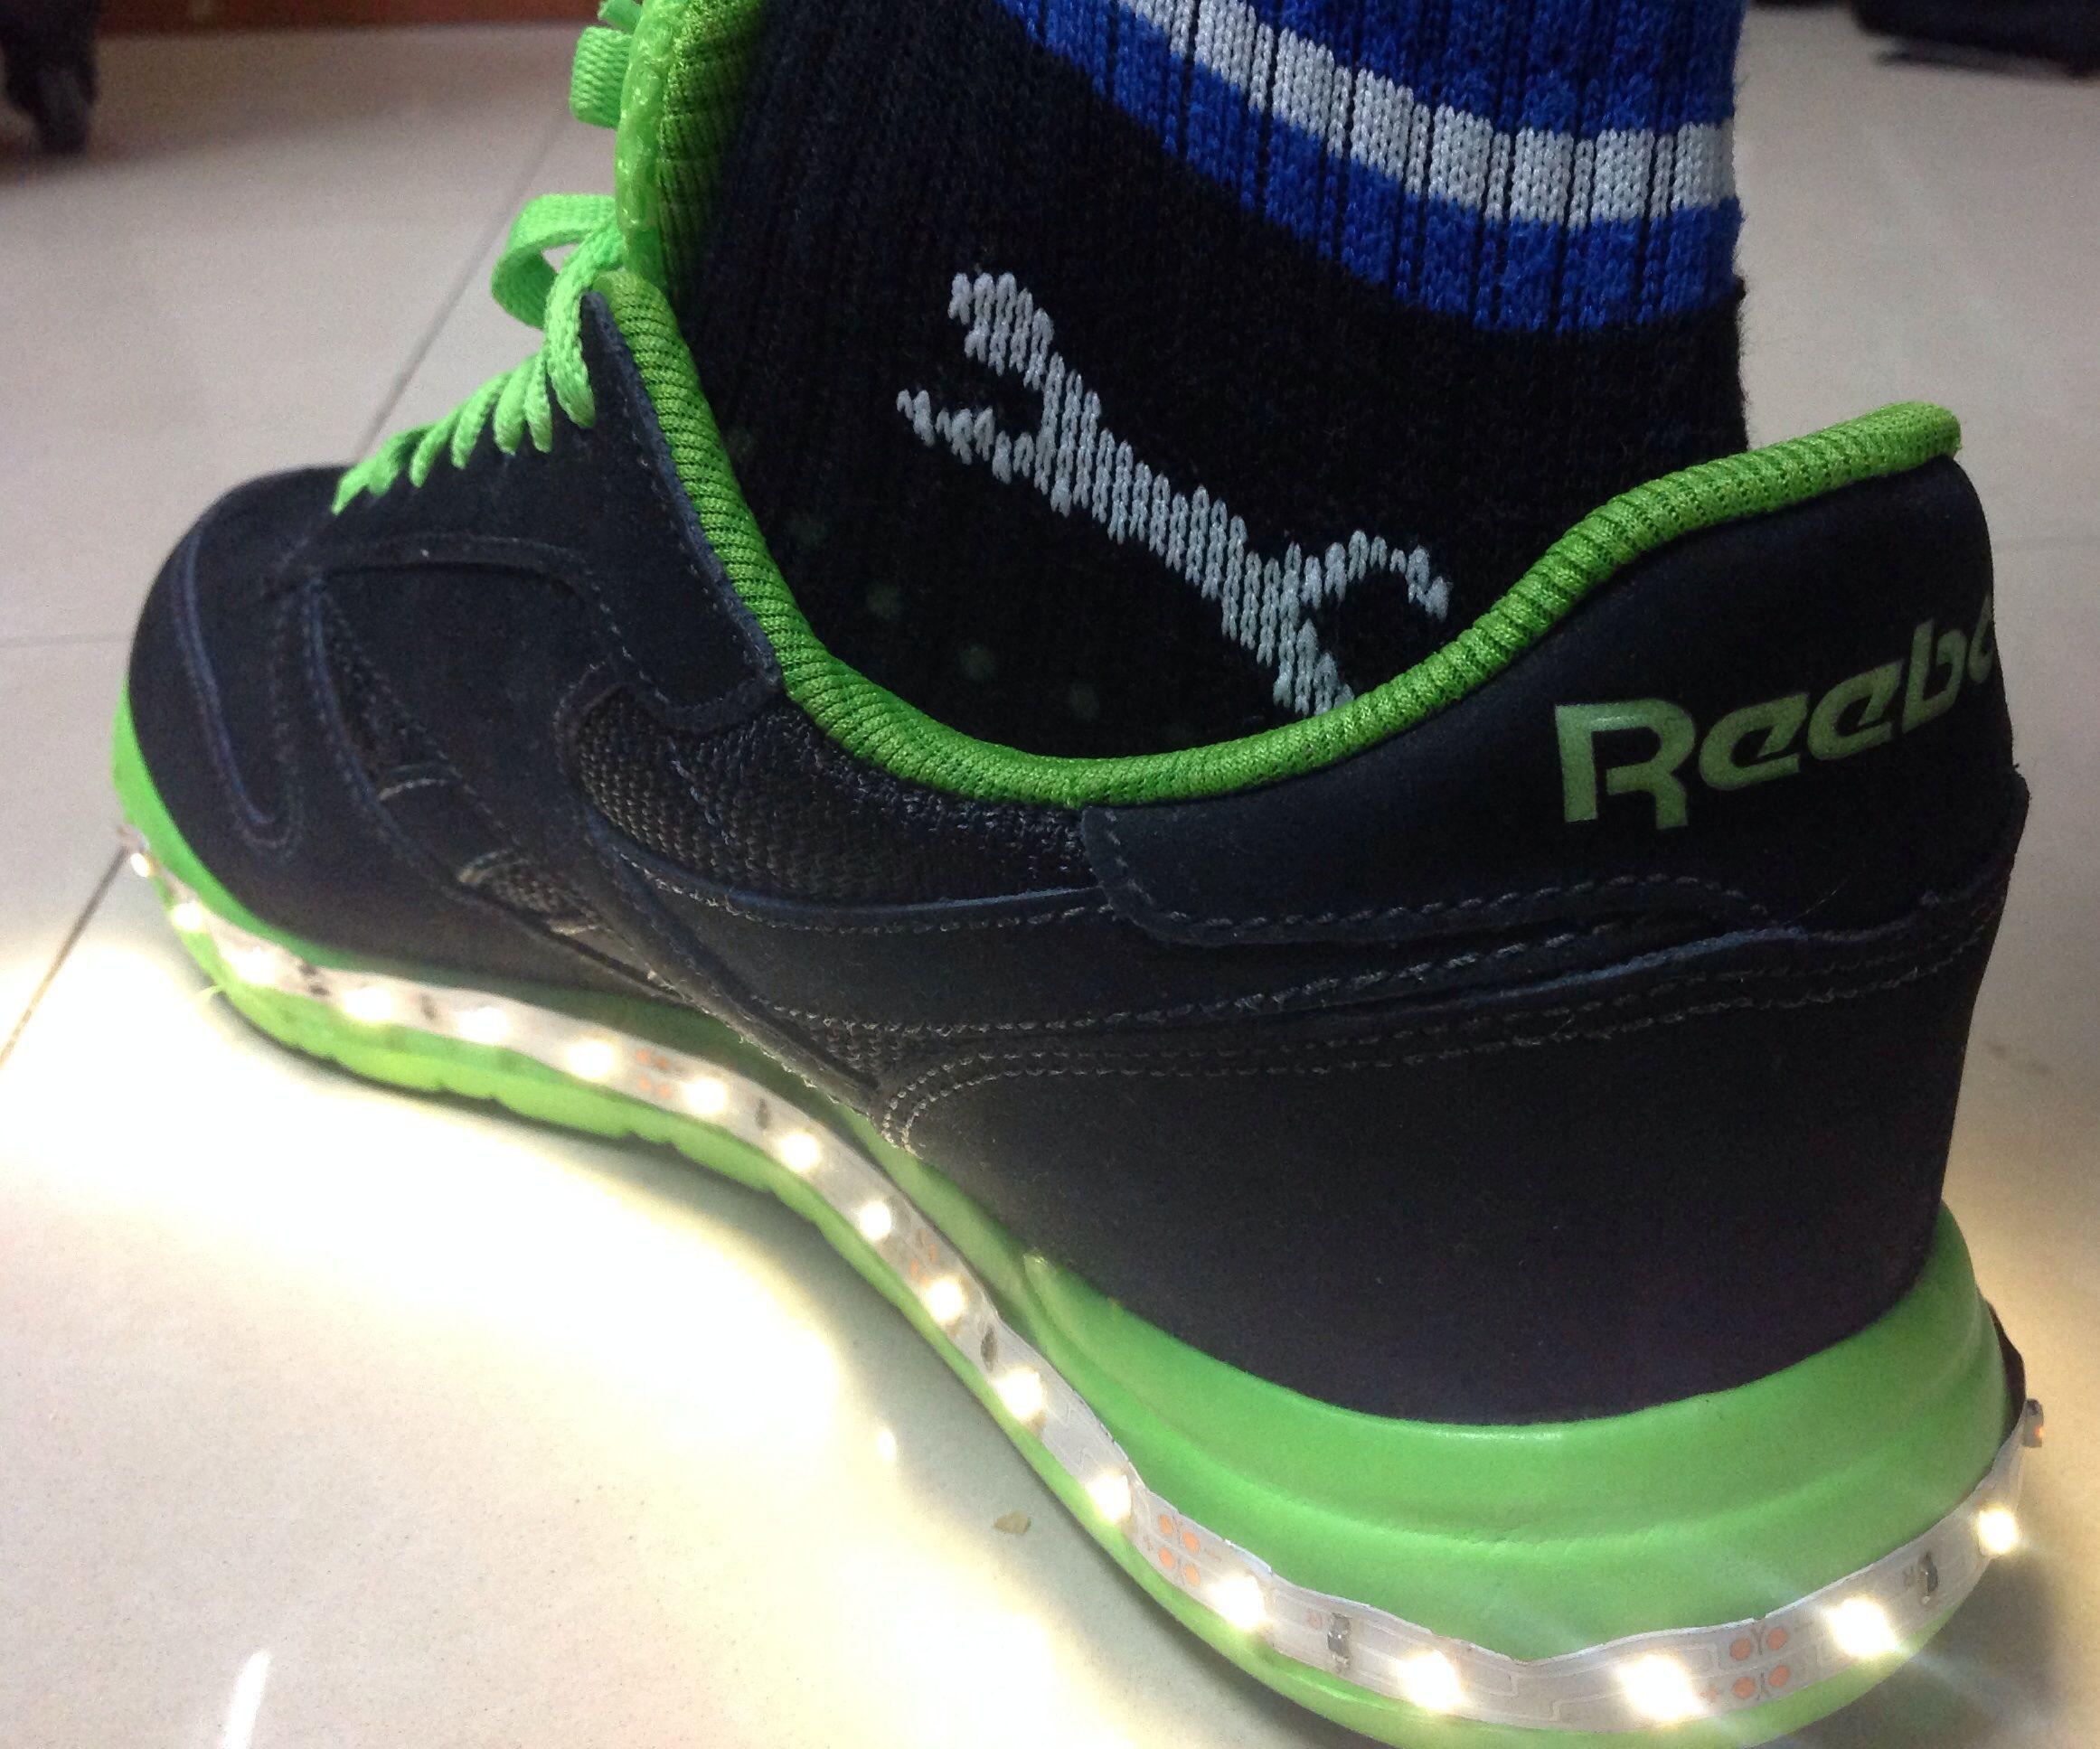 Rechargeable LED Illuminated NightShoe